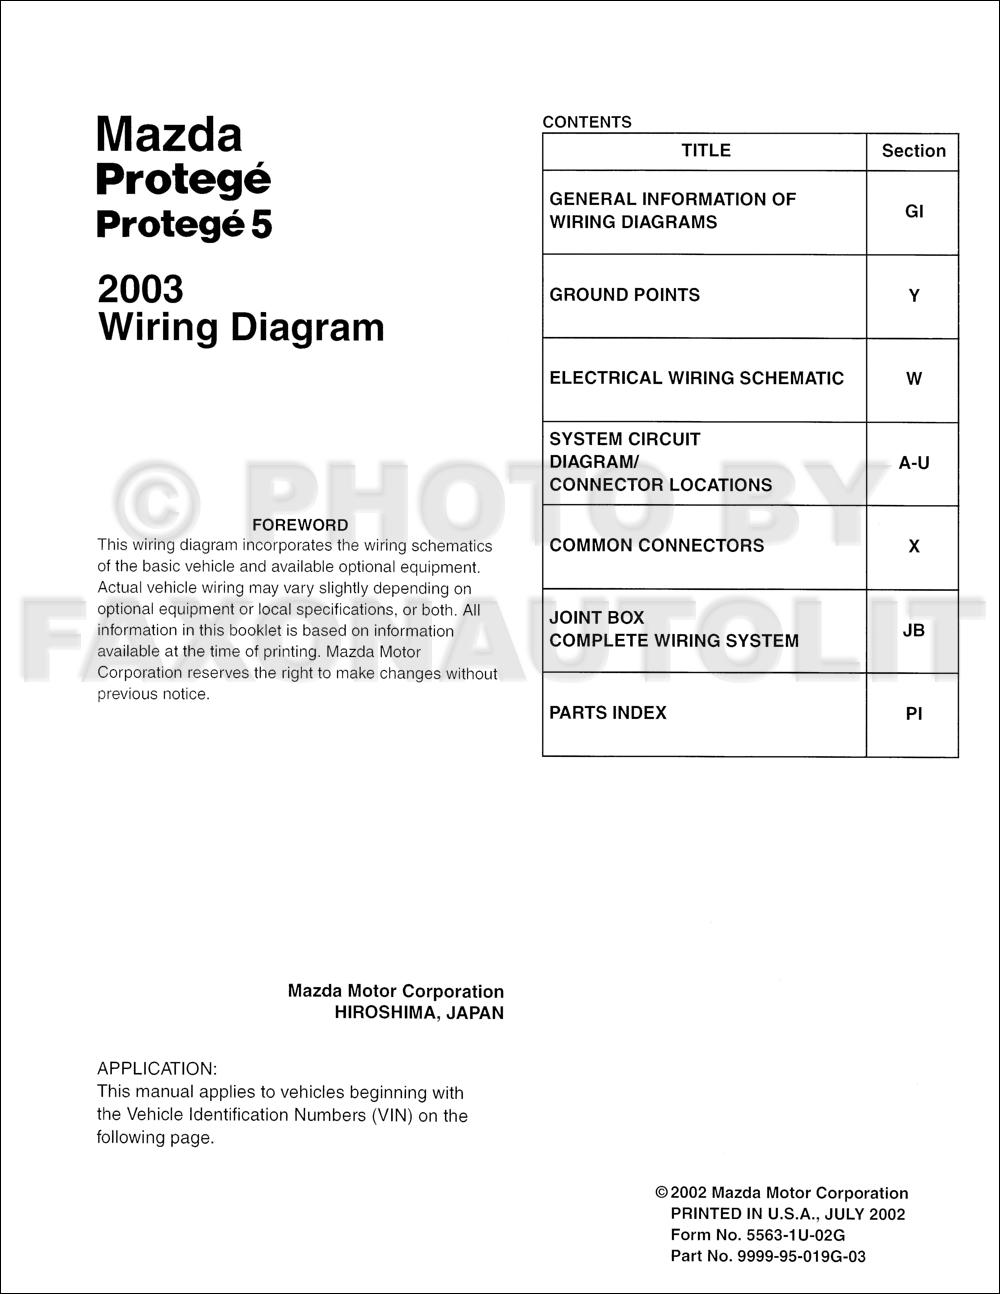 Mazda Protege5 Stereo Wiring Diagram